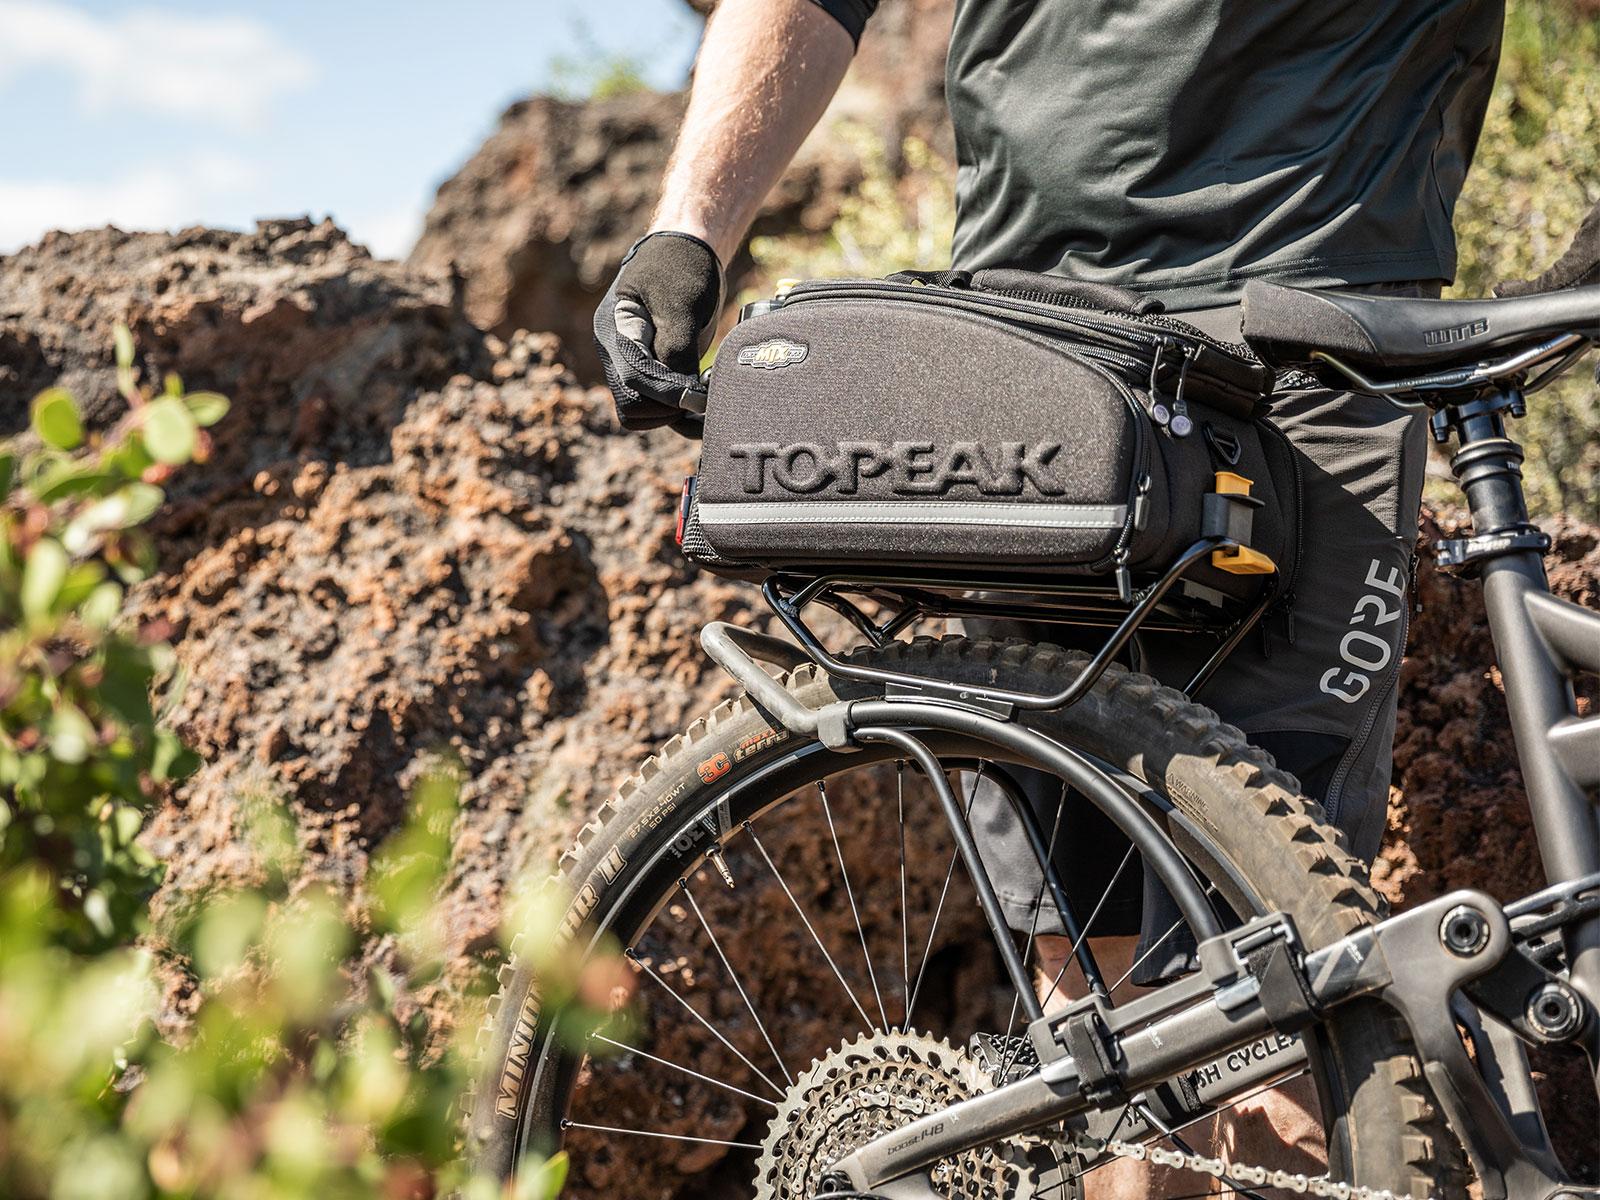 TETRARACK M2 (Mountain) | Topeak